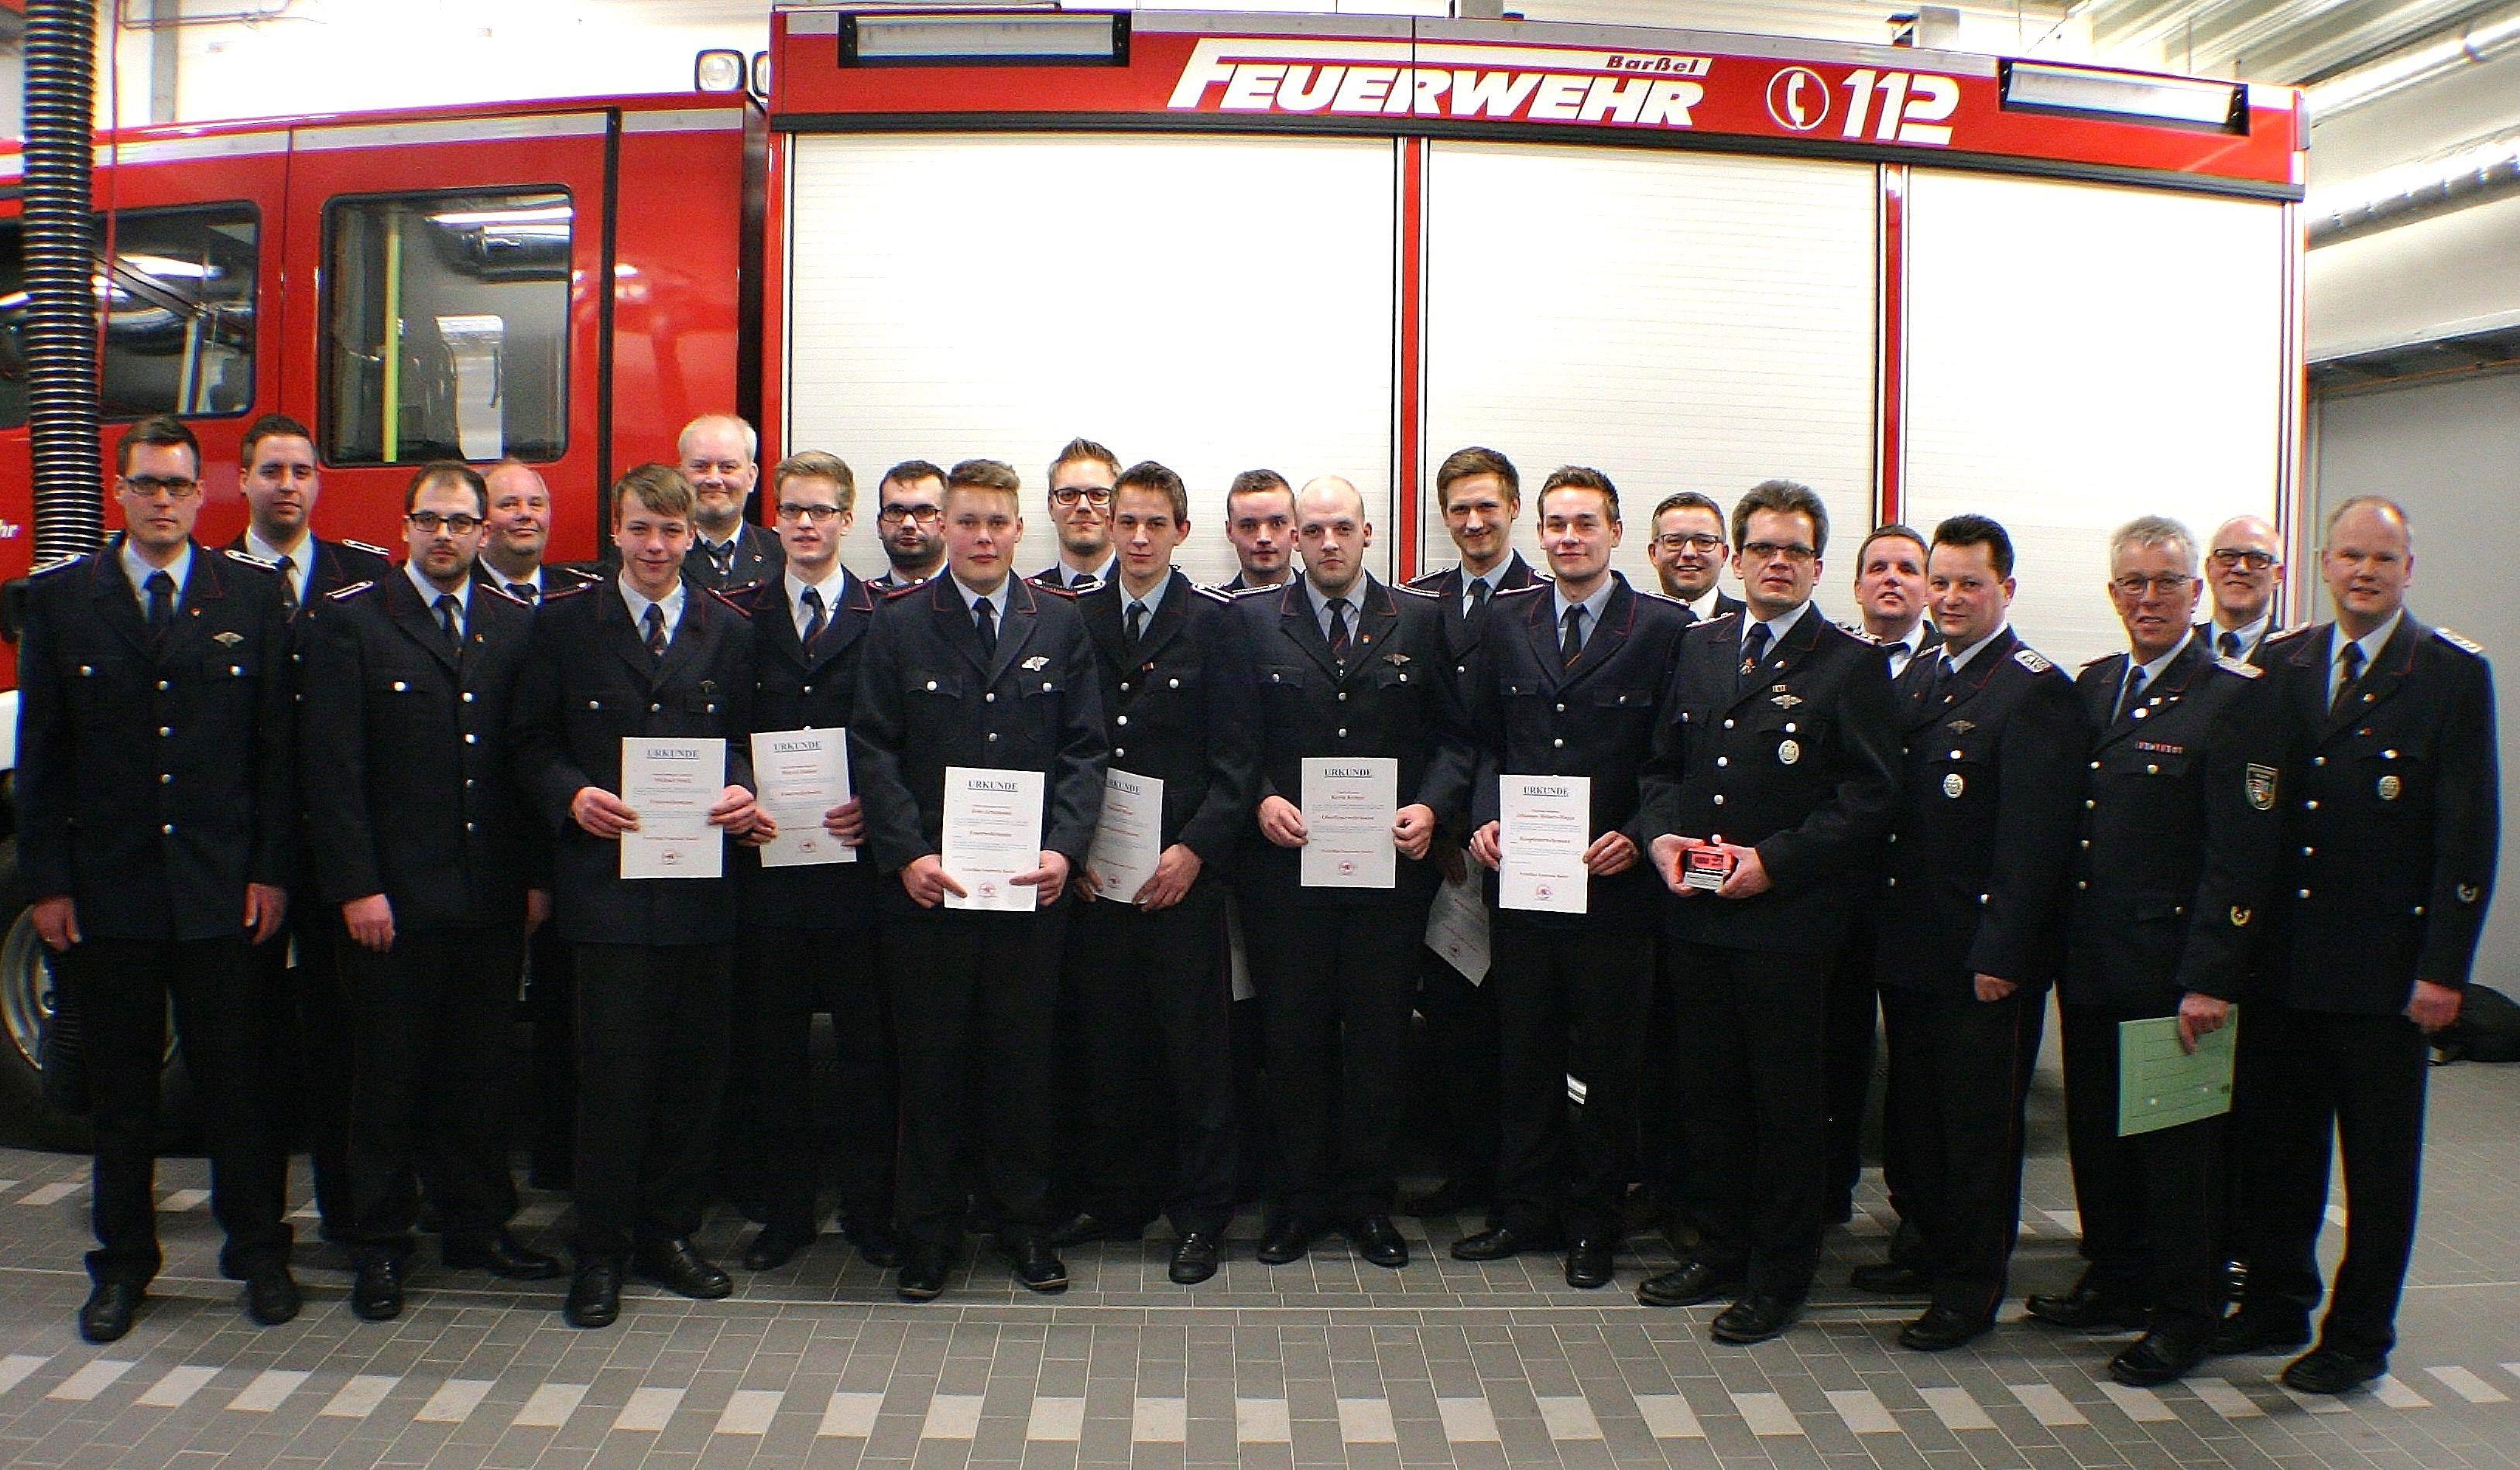 Neu gewähltes Kommando der Feuerwehr mit Ehrengästen.